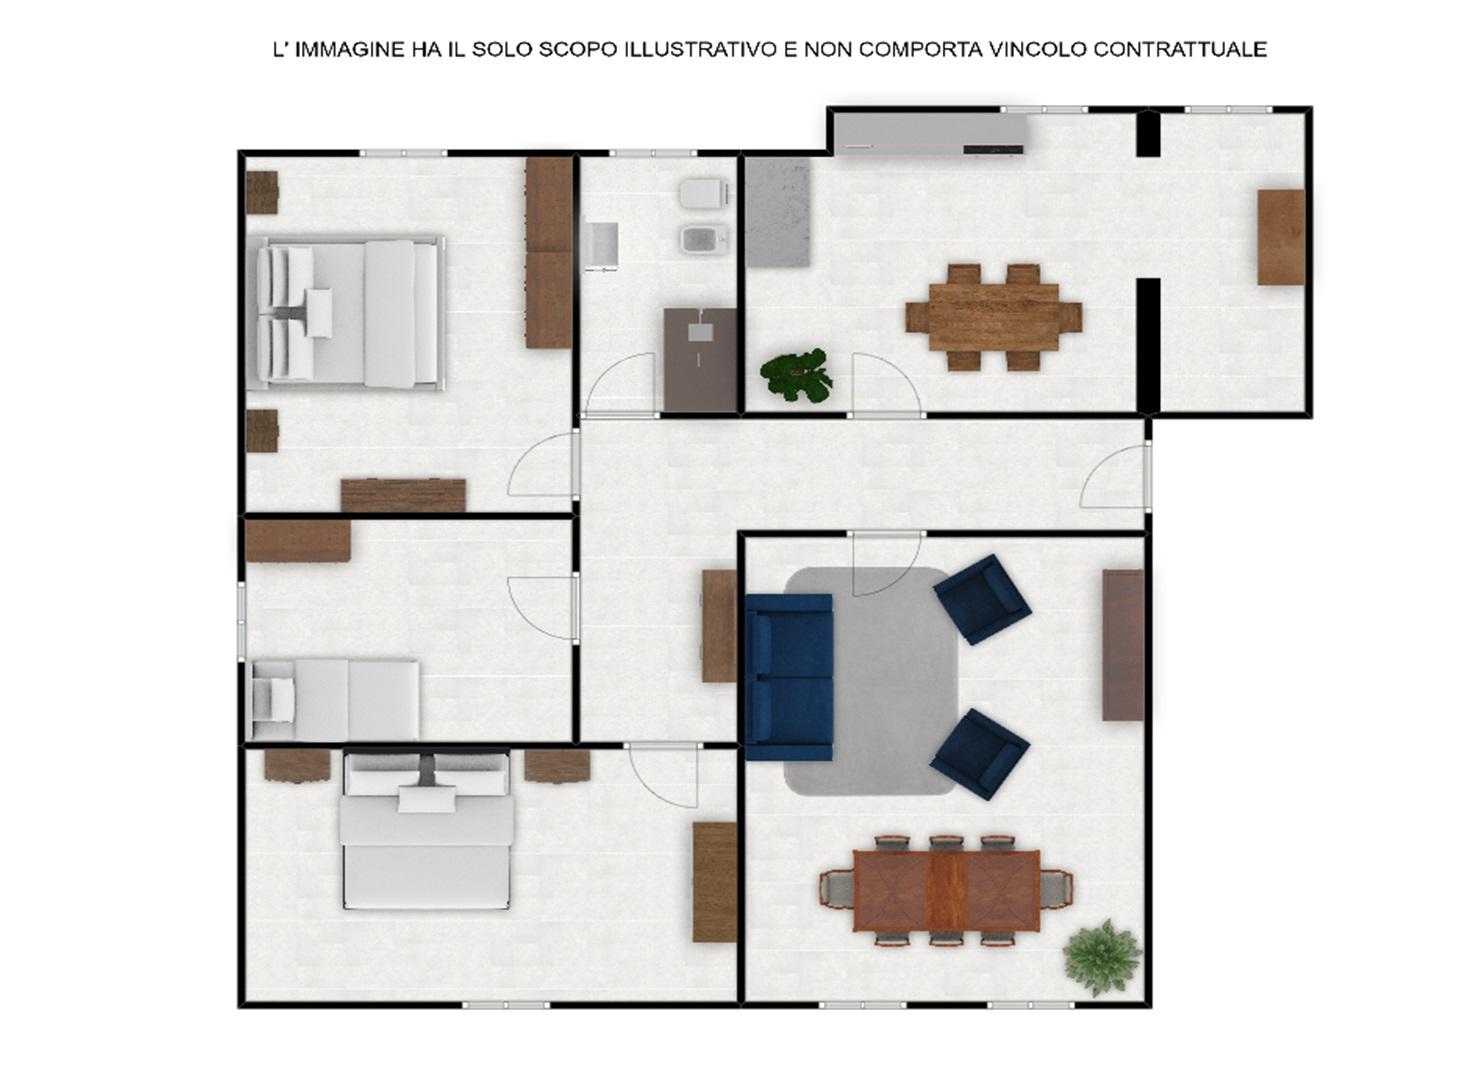 Appartamento in vendita a Viterbo, 4 locali, zona Zona: Semicentro, prezzo € 83.000   CambioCasa.it